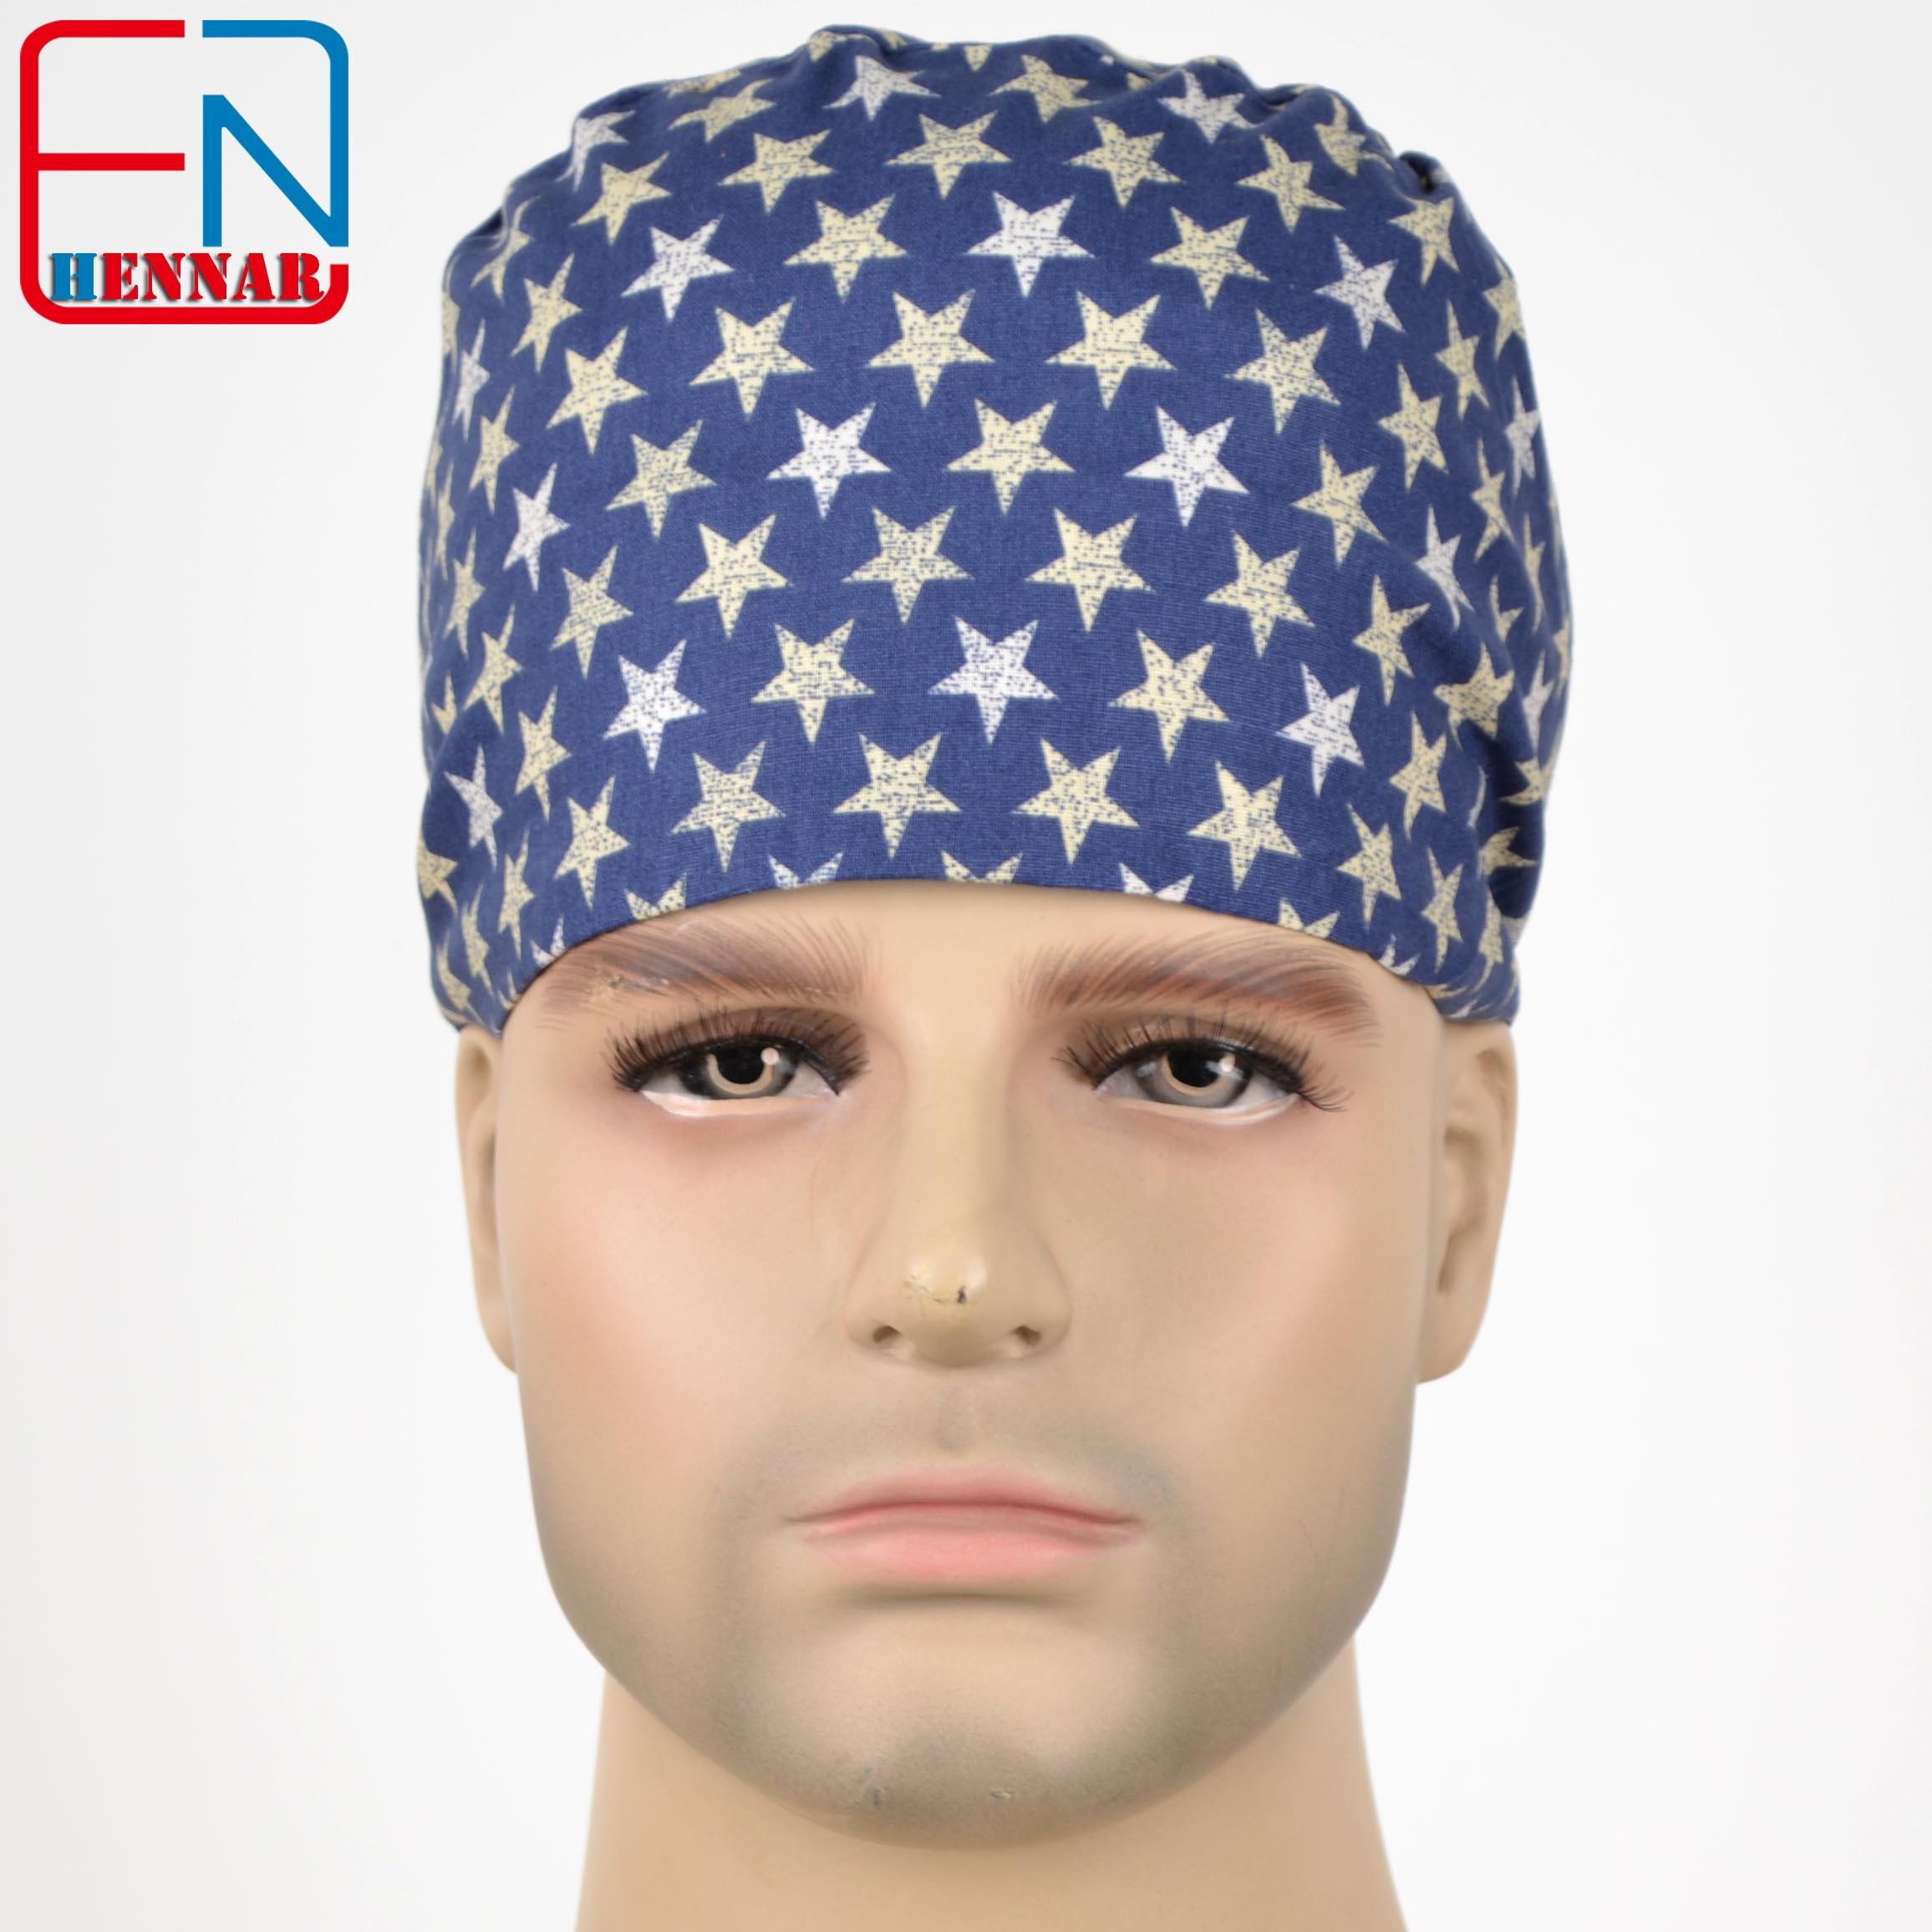 Hennar Medical Scrub Caps,unisex Surgical Caps,doctor Caps,dentist Caps,nurse Caps